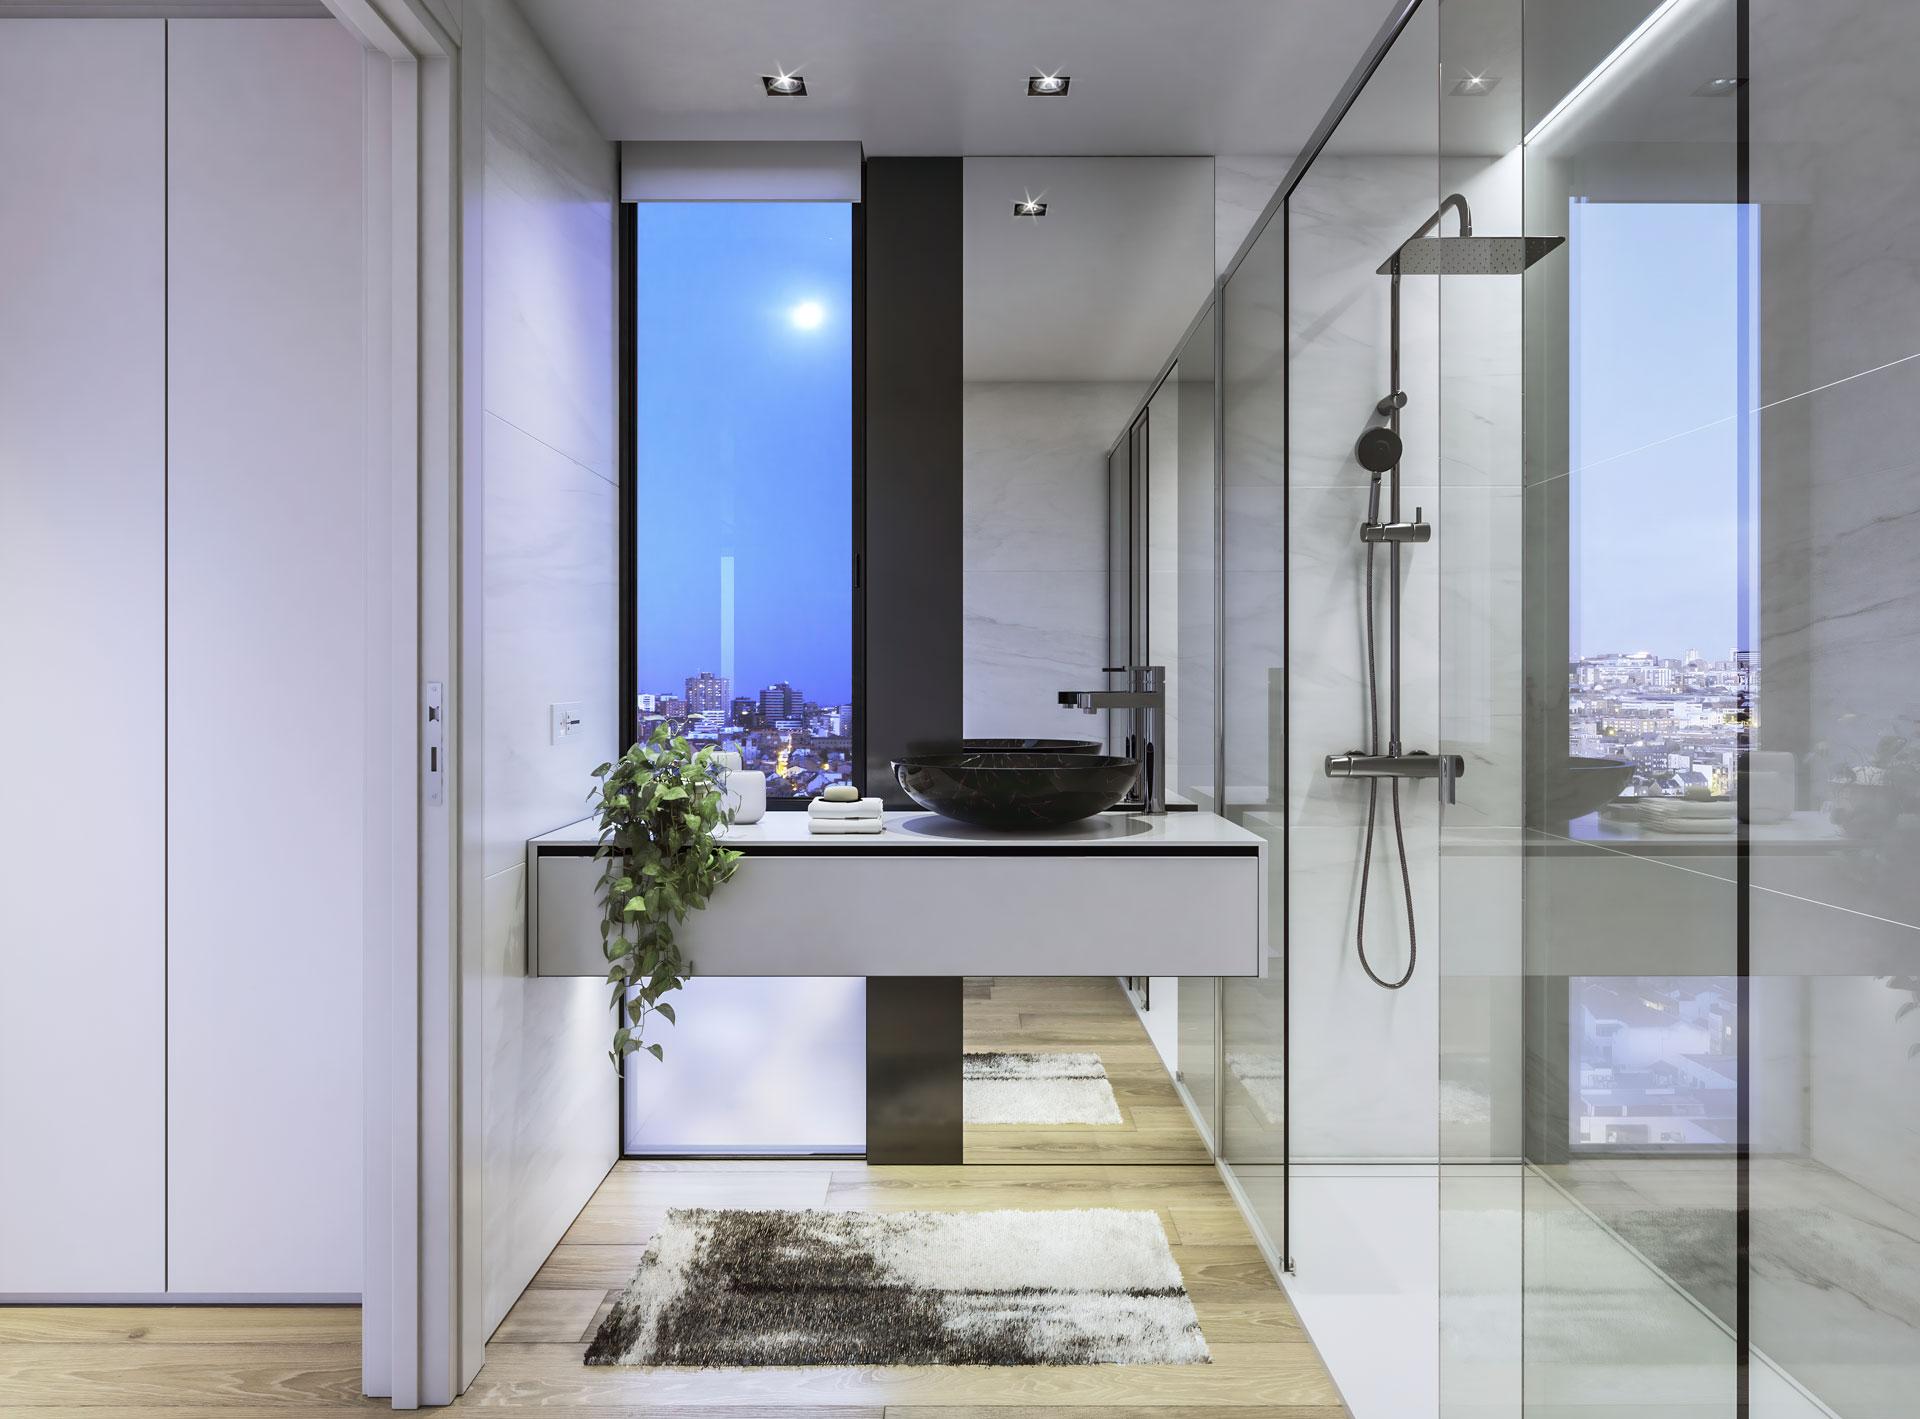 Special bathroom with views of Plaza Castilla